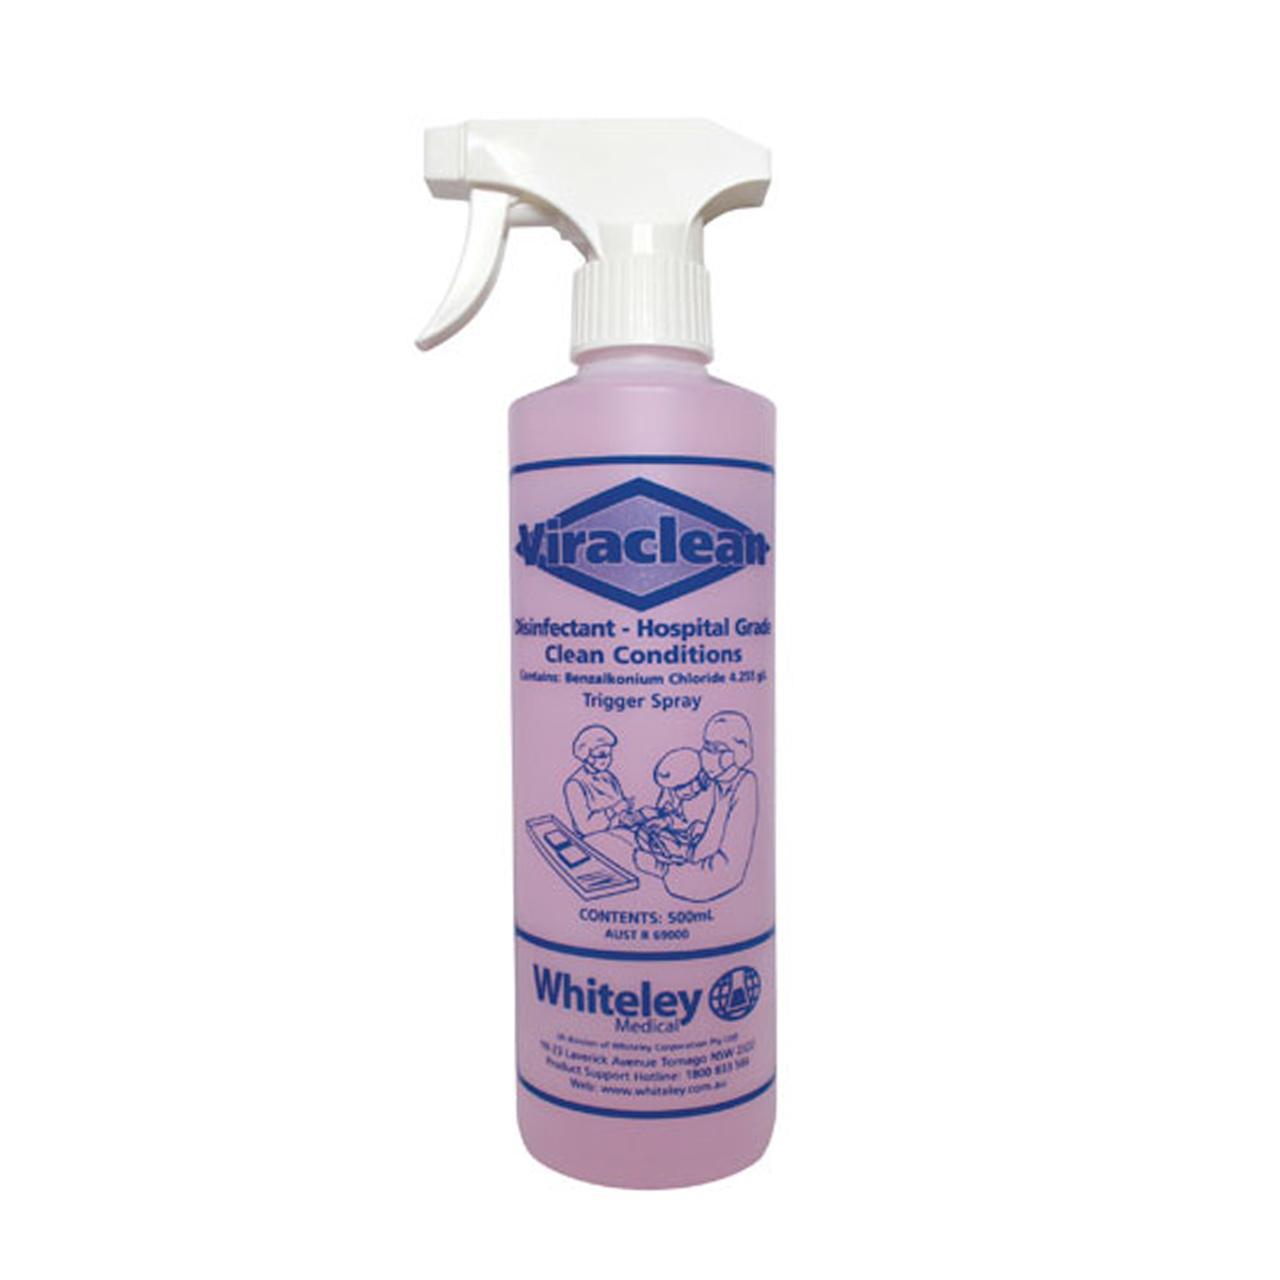 Viraclean Hospital Grade Disinfectant 500mL Spray Bottle